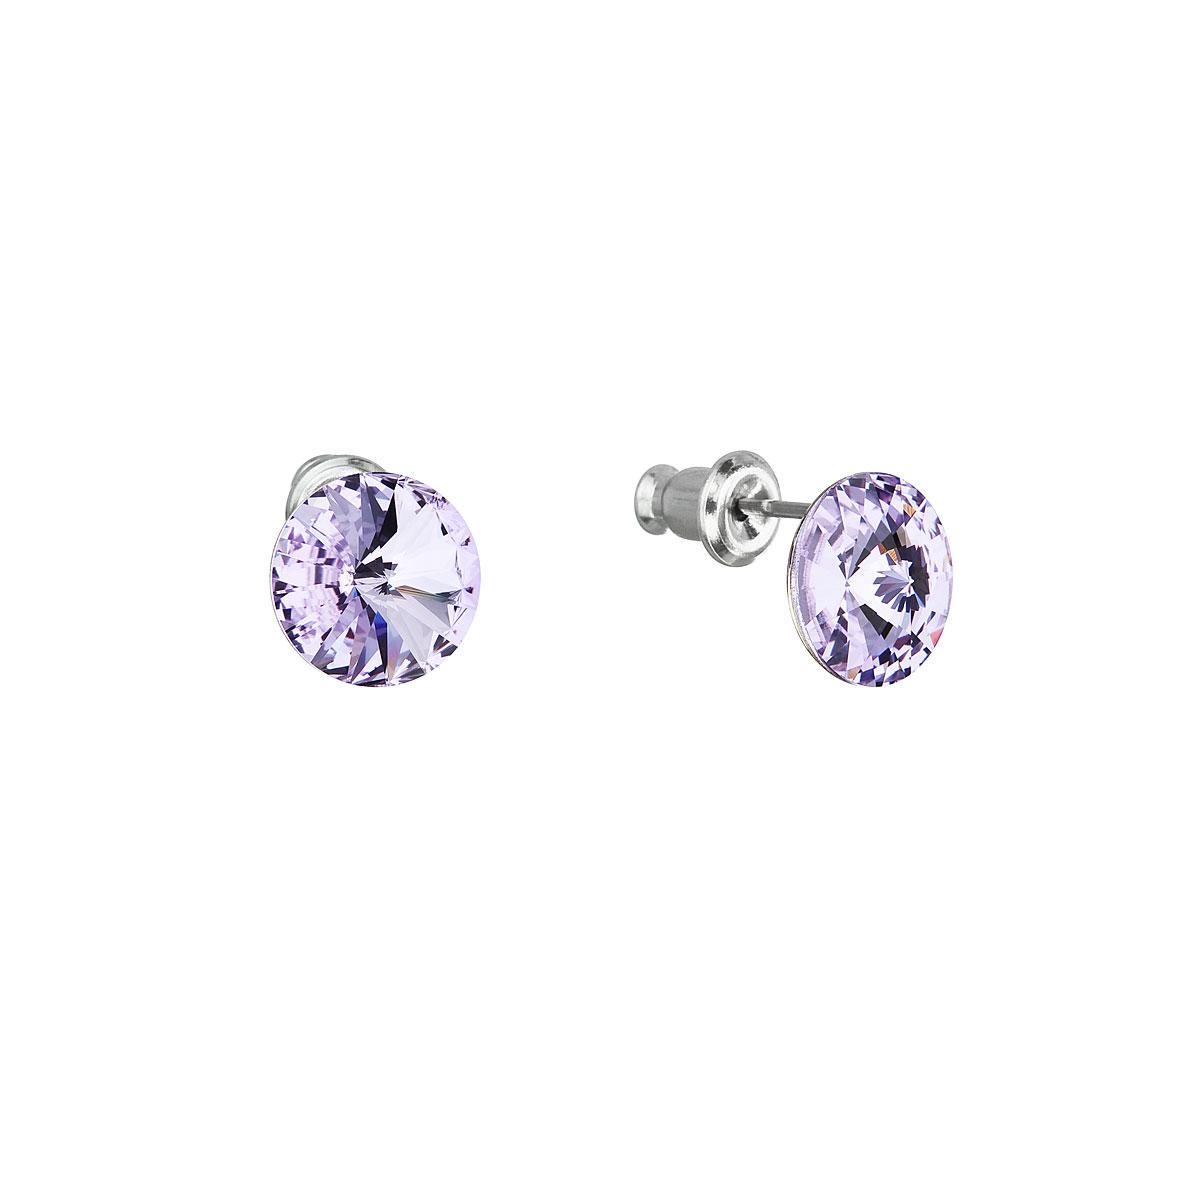 Náušnice bižutéria so Swarovski krištáľmi fialové okrúhle 51037.3 violet